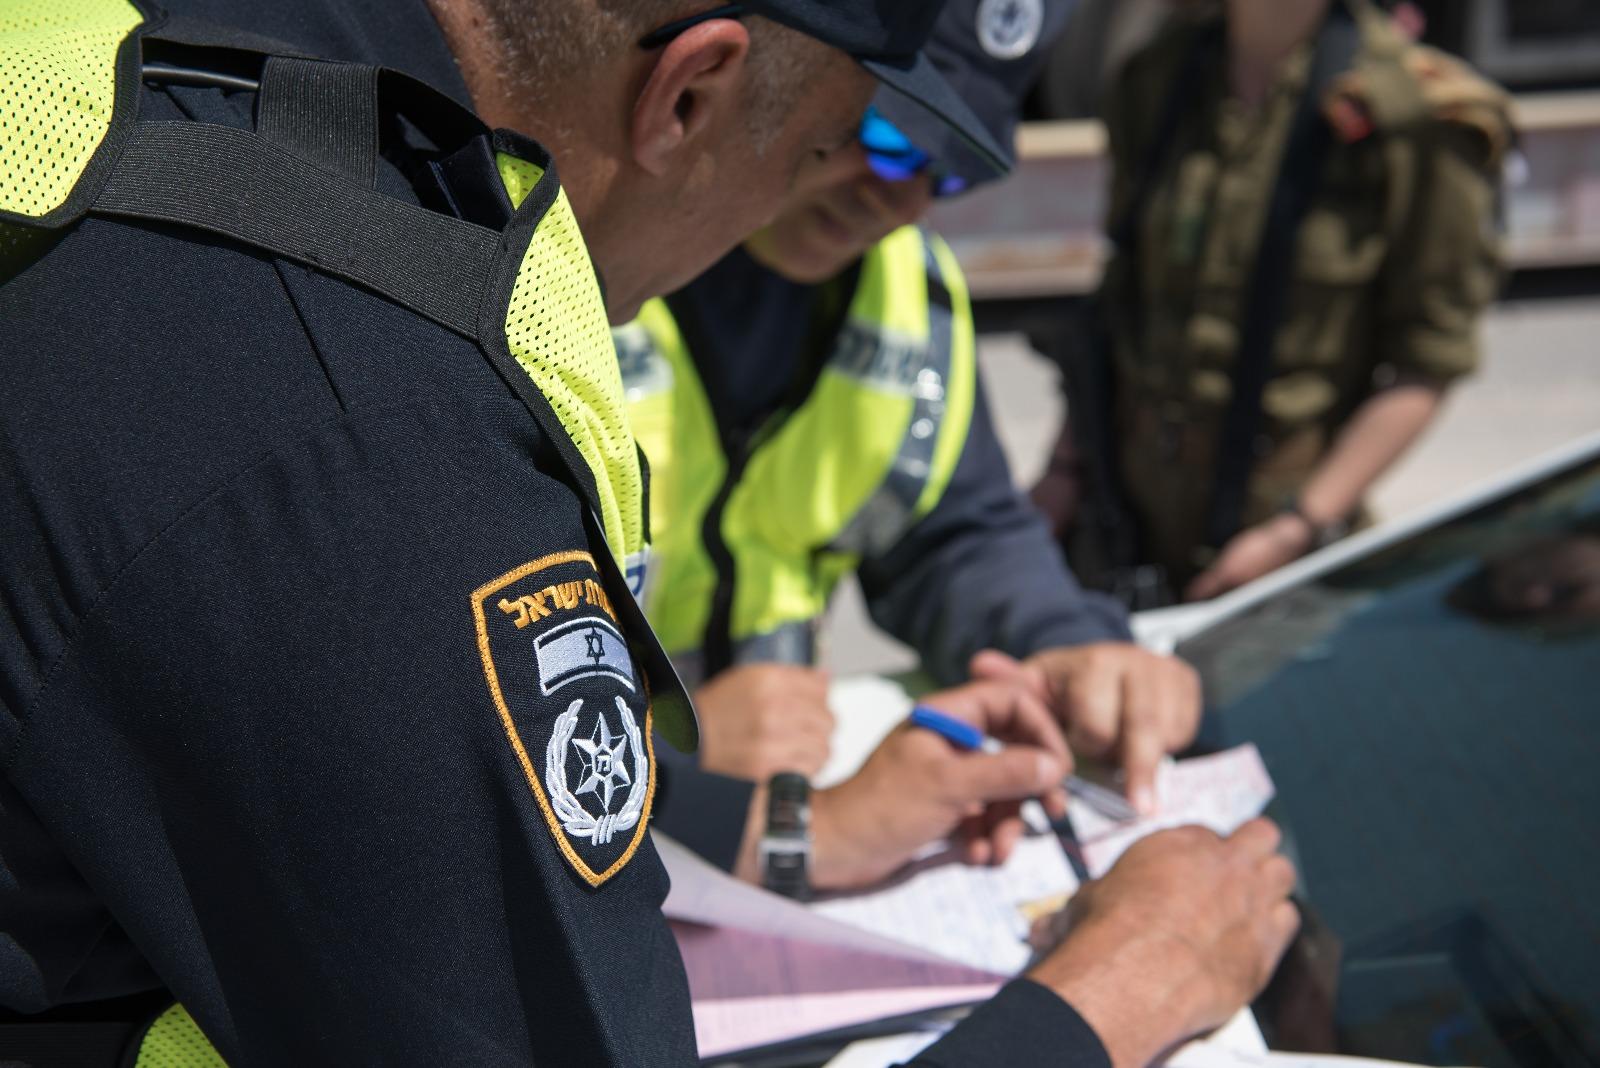 הנציב ממליץ: שוטר שהורשע - יפסיק לשרת במשטרה